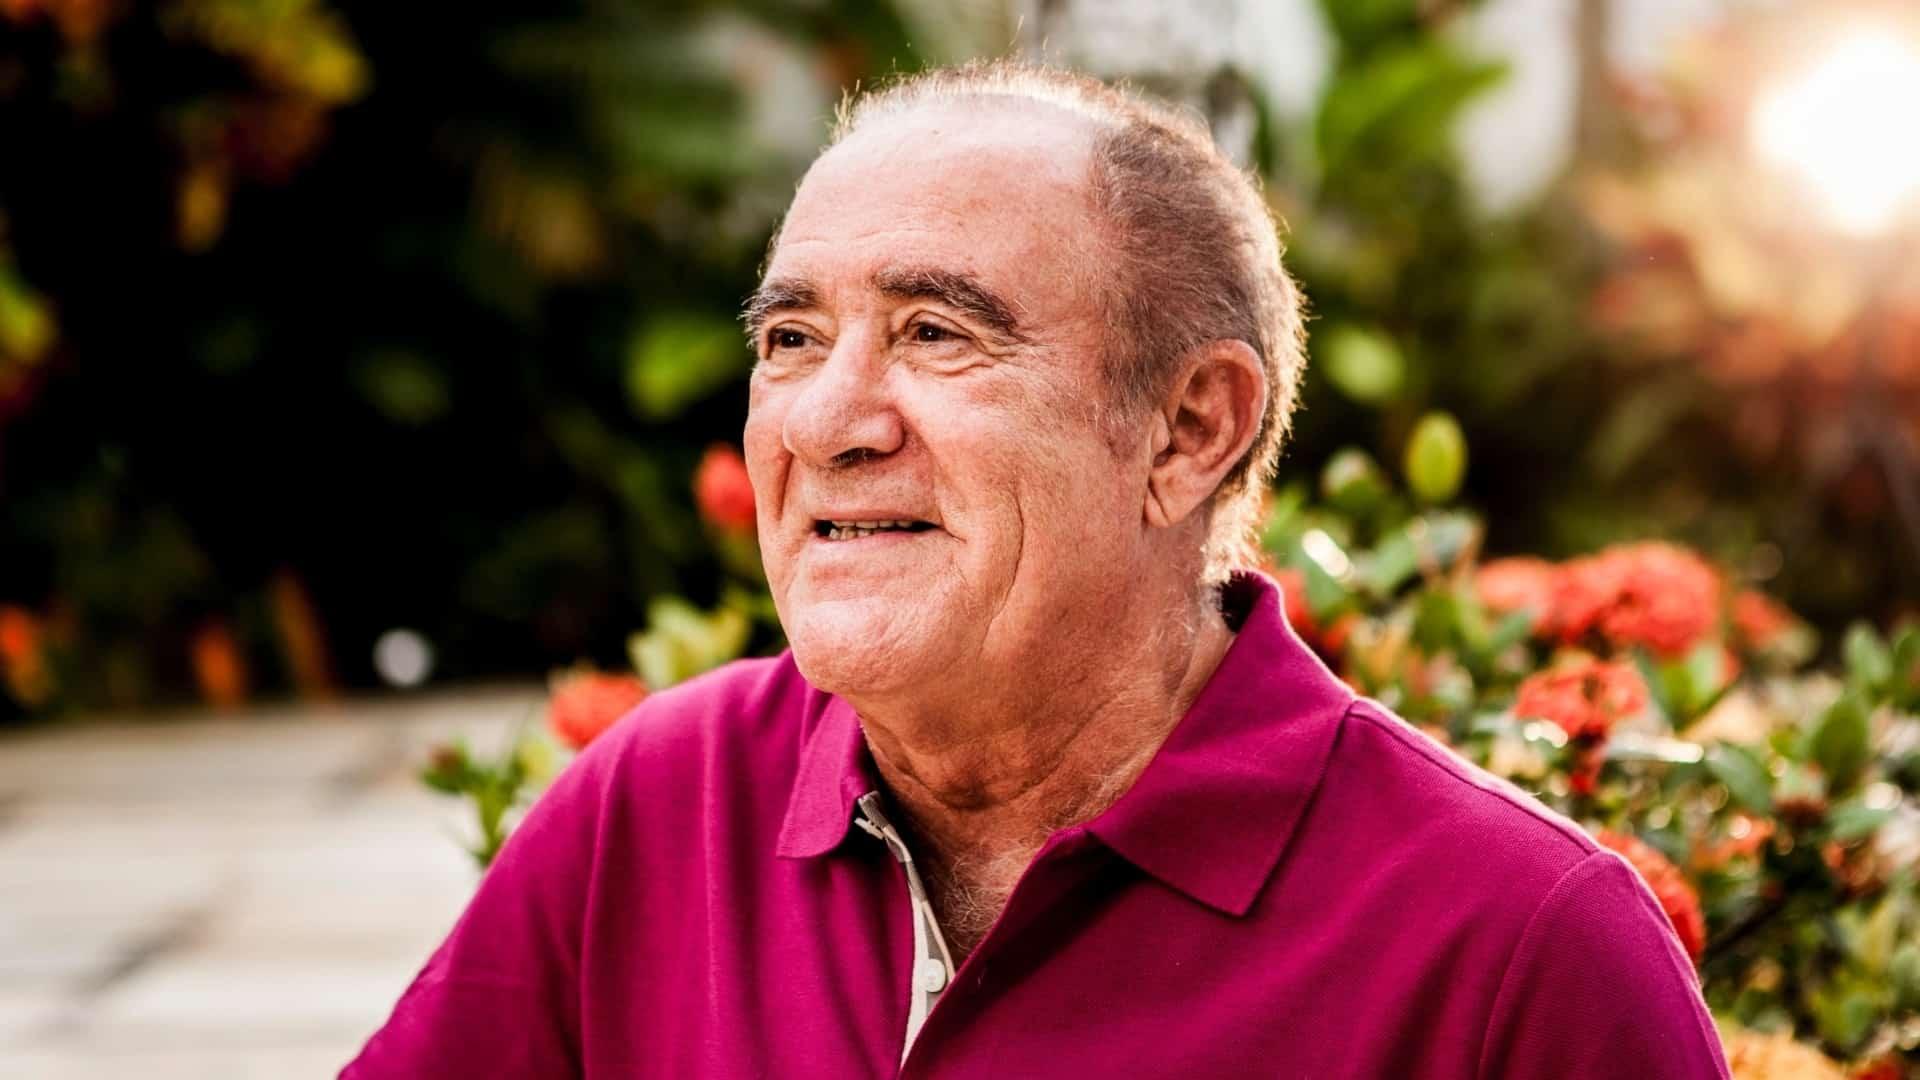 Afastado da TV, Renato Aragão completa 80 anos; relembre a carreira